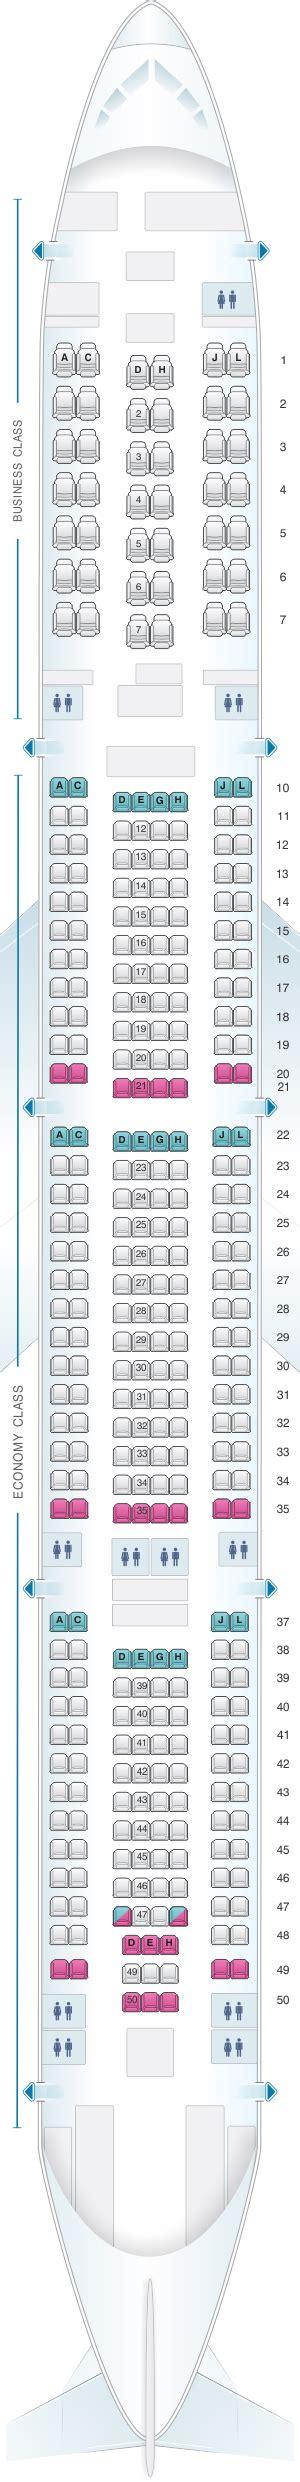 iberia airbus a340 500 seat map seat map iberia airbus a340 600 342pax seatmaestro